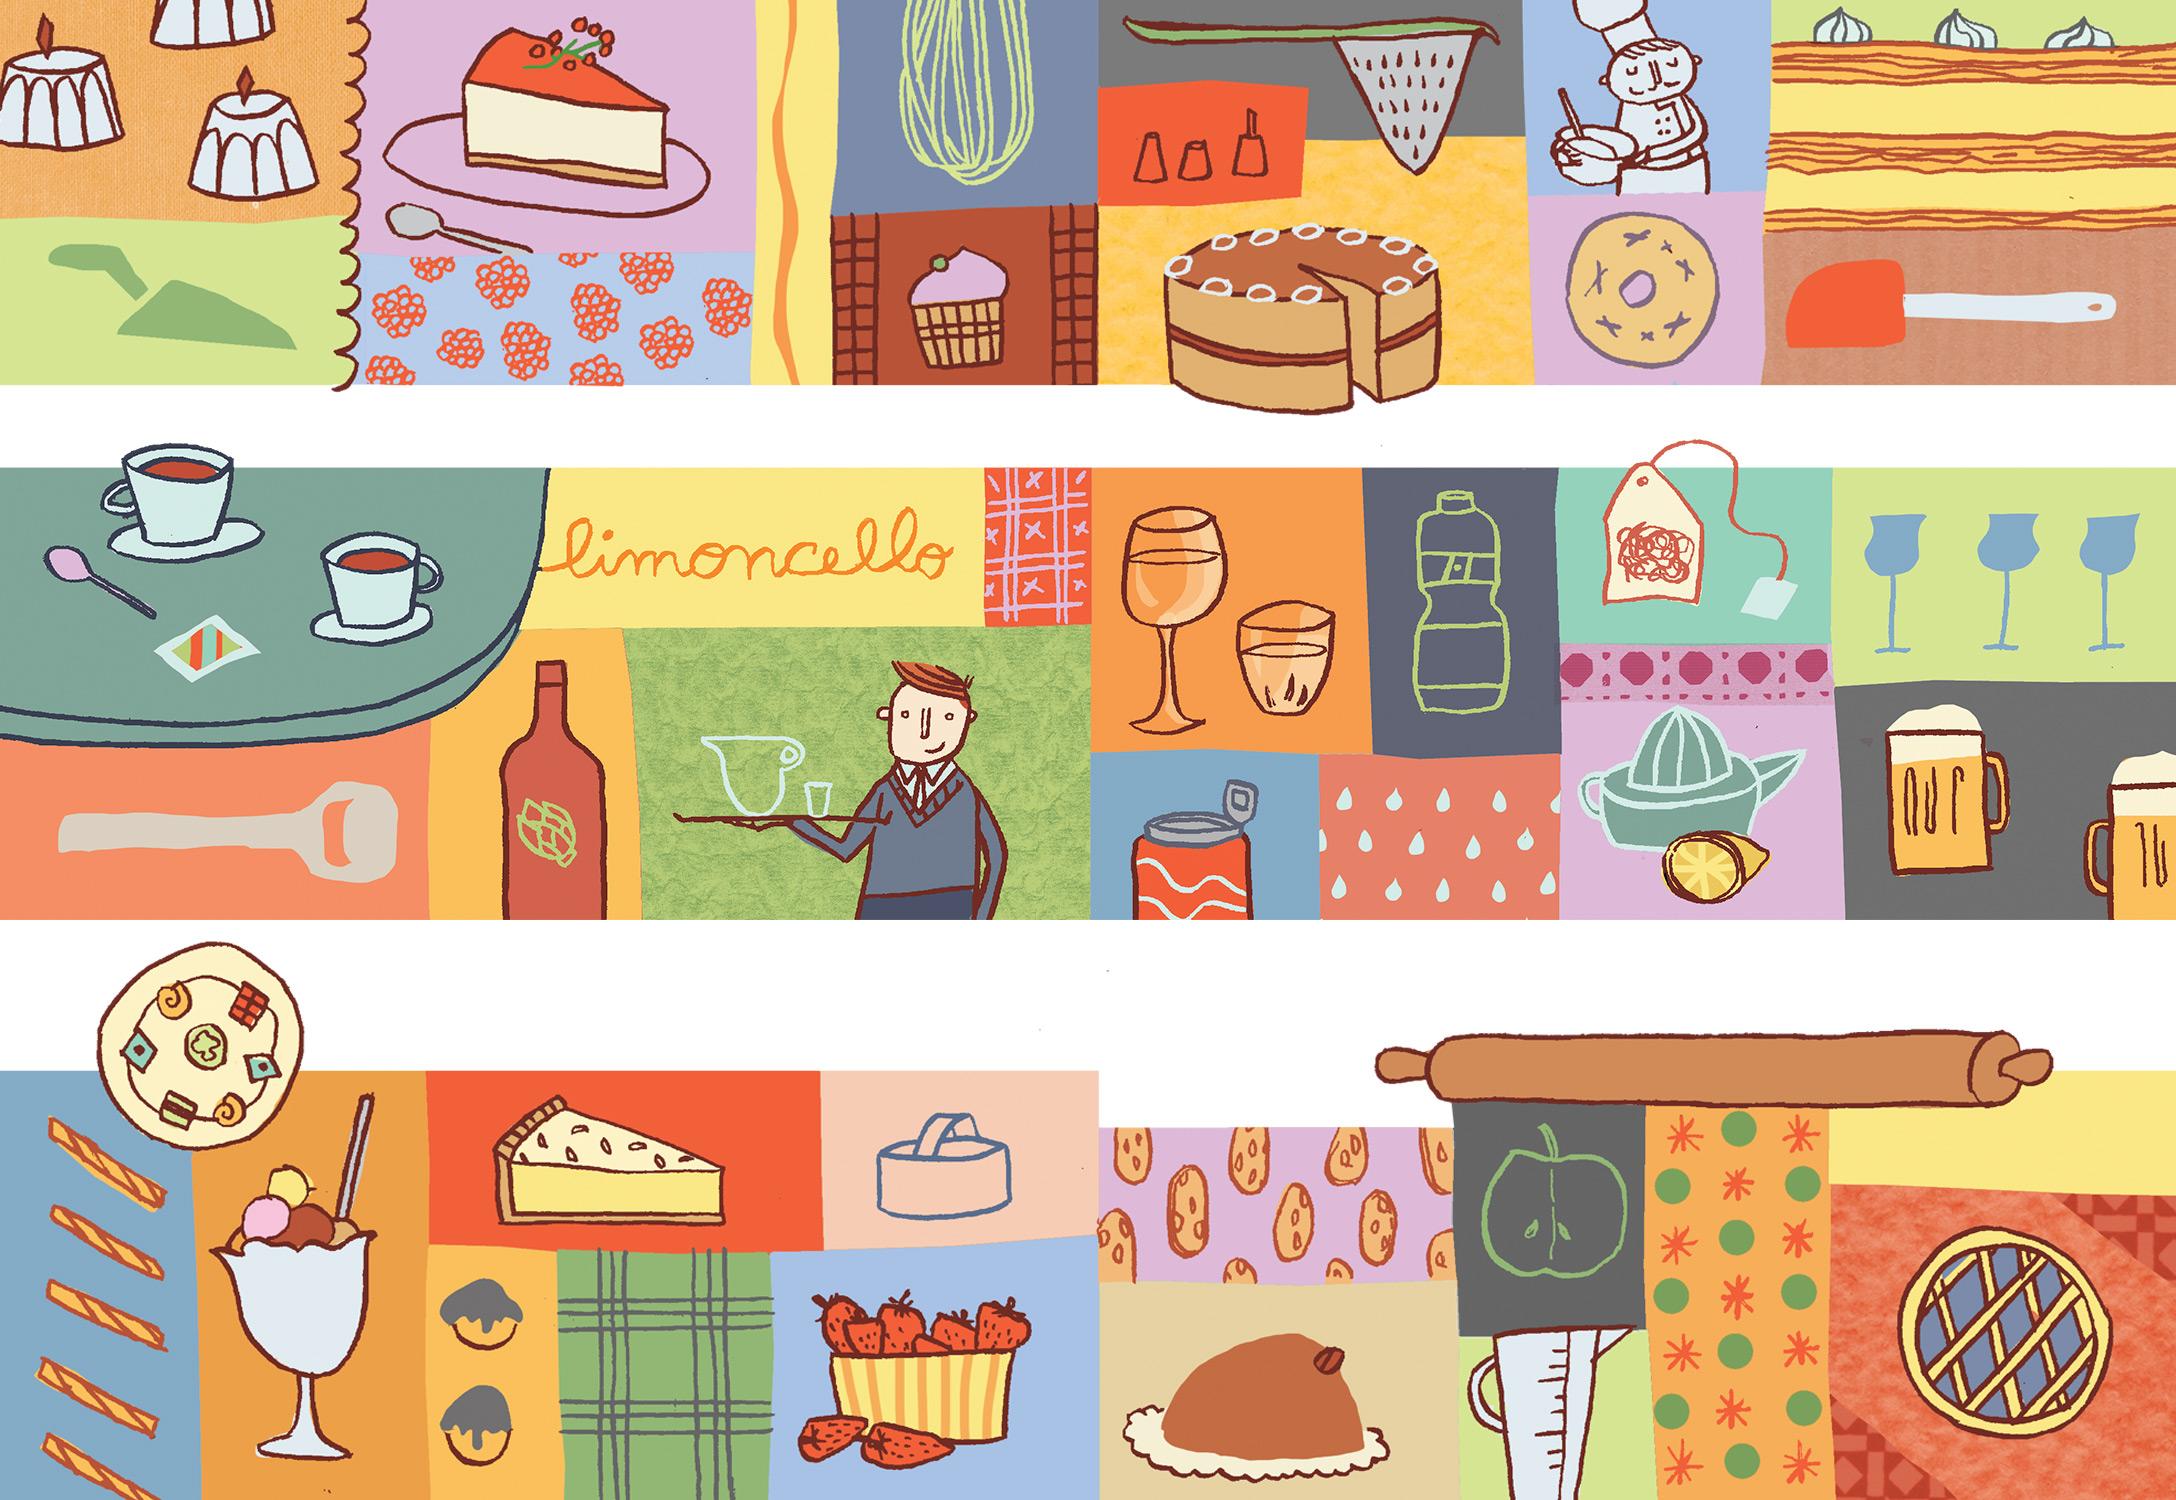 Annalisa Papagna illustration - Pastarito Menu 2